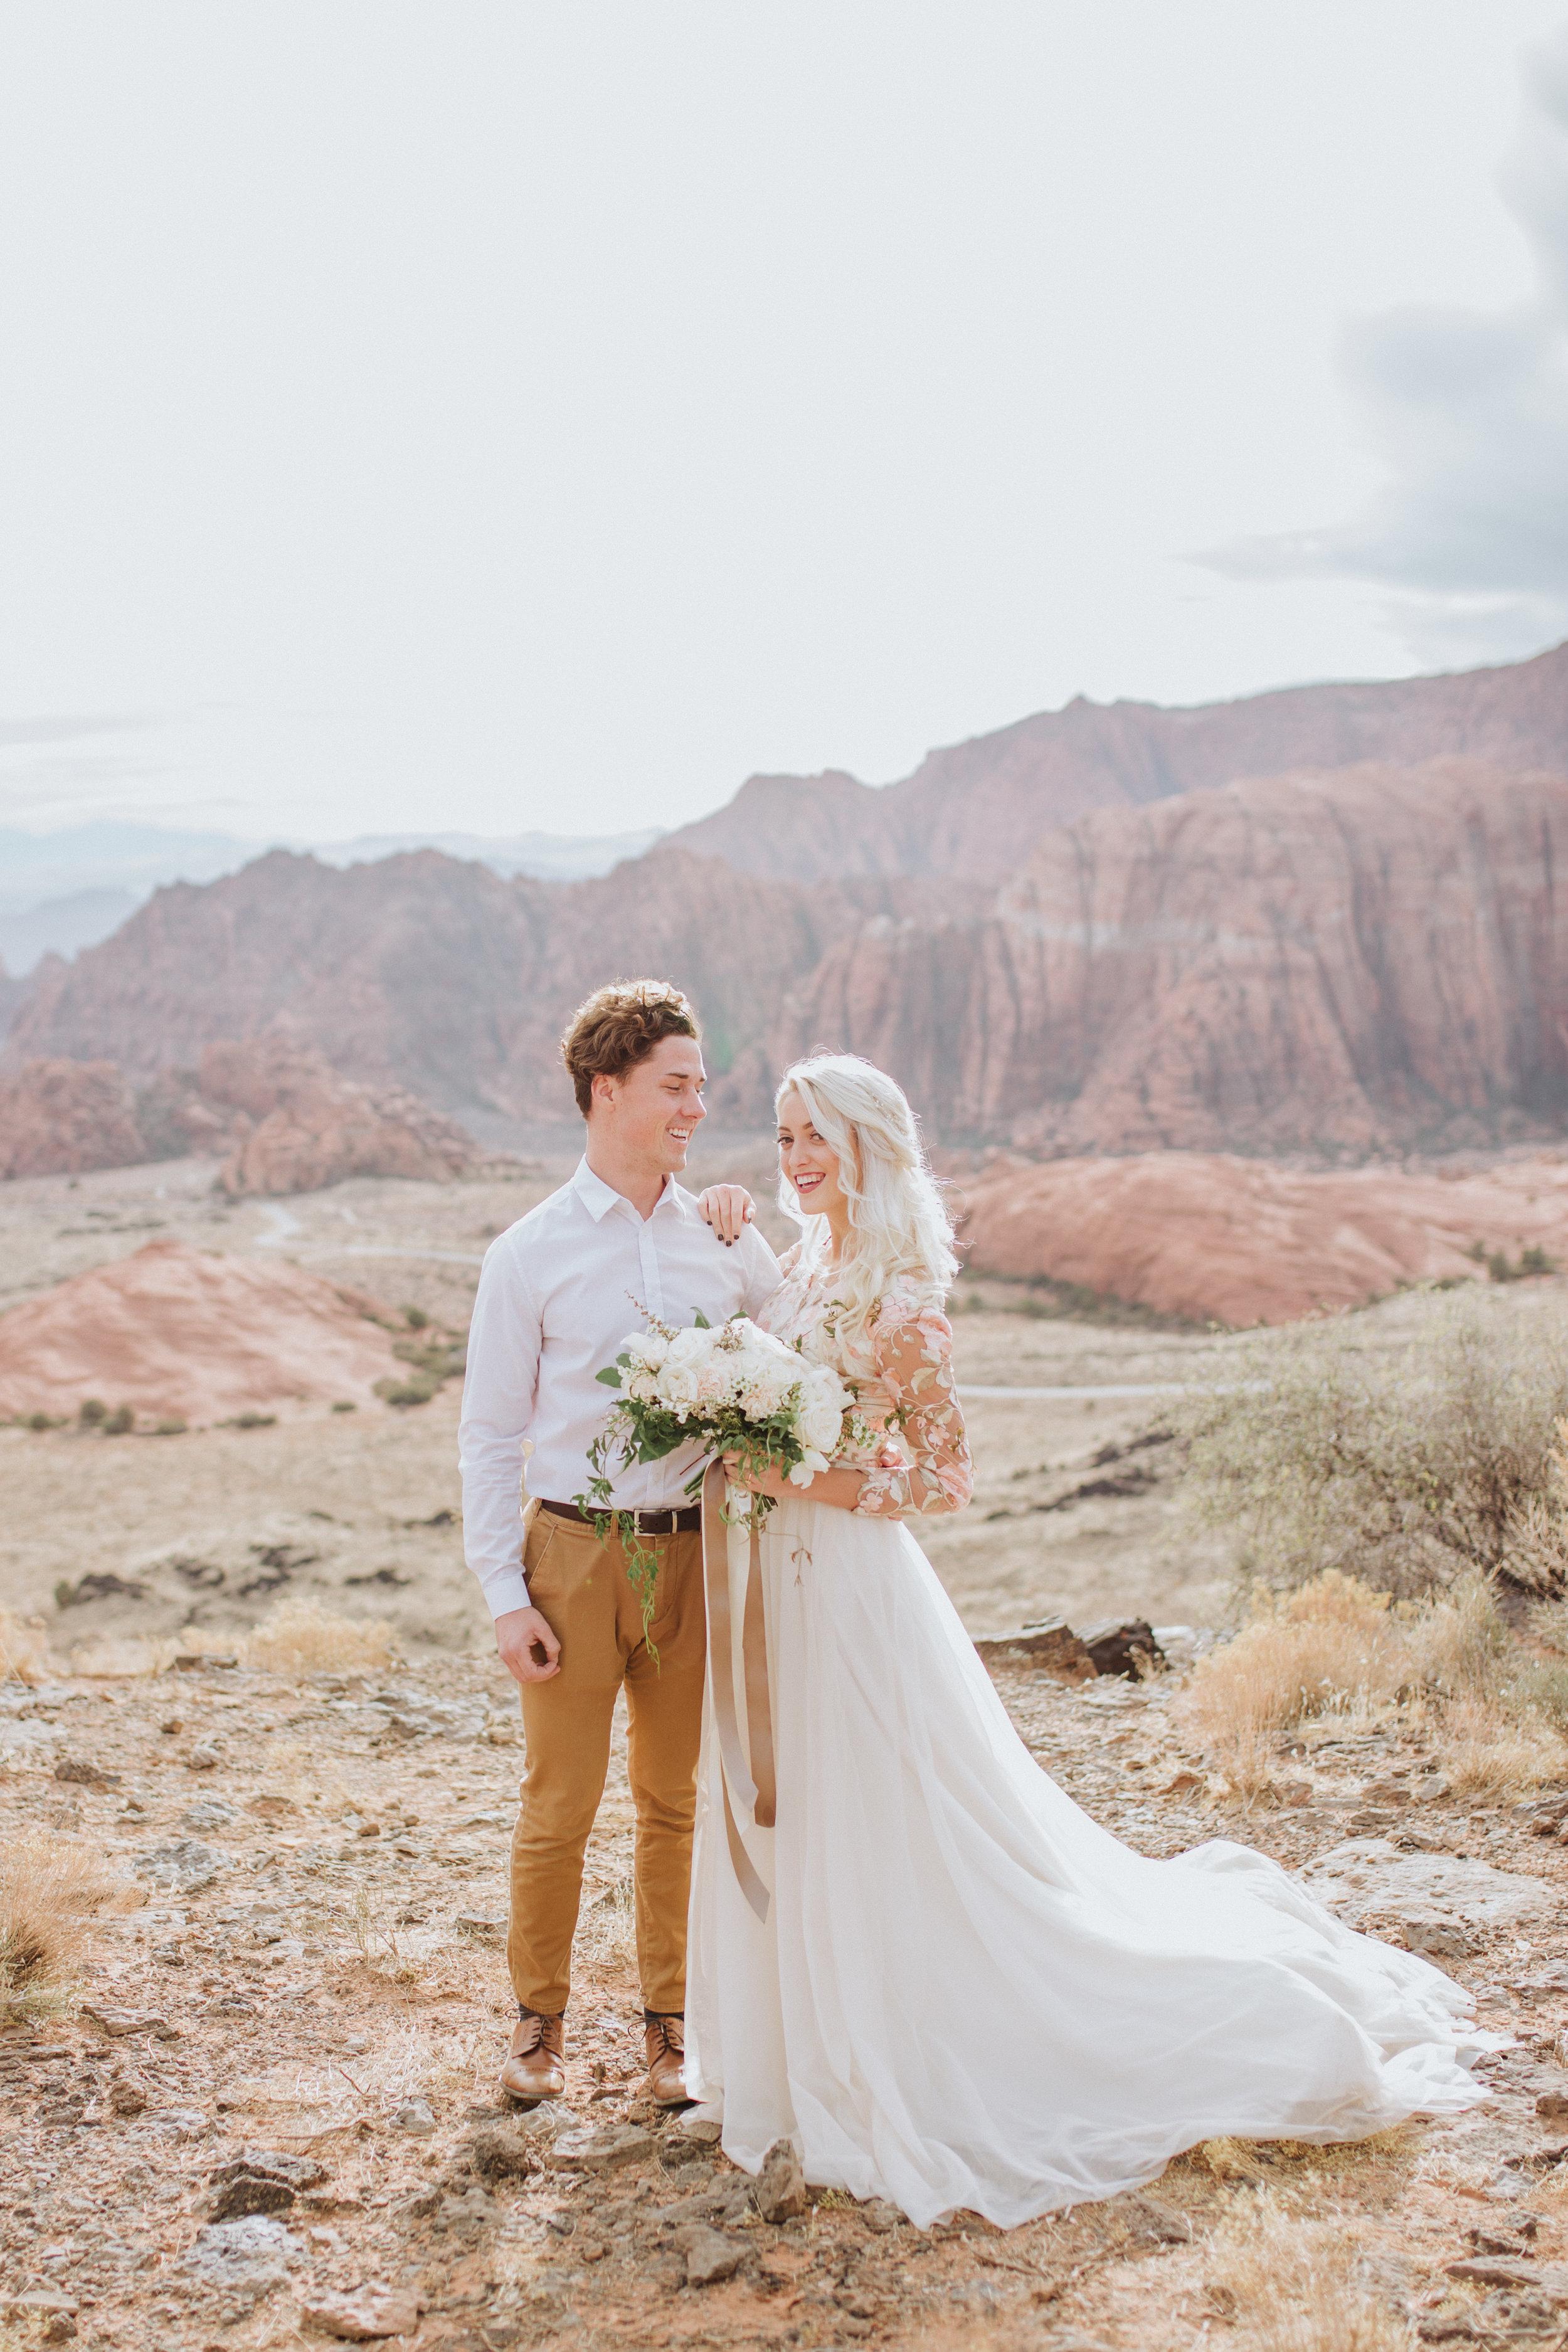 sc ss bridals-1.jpg